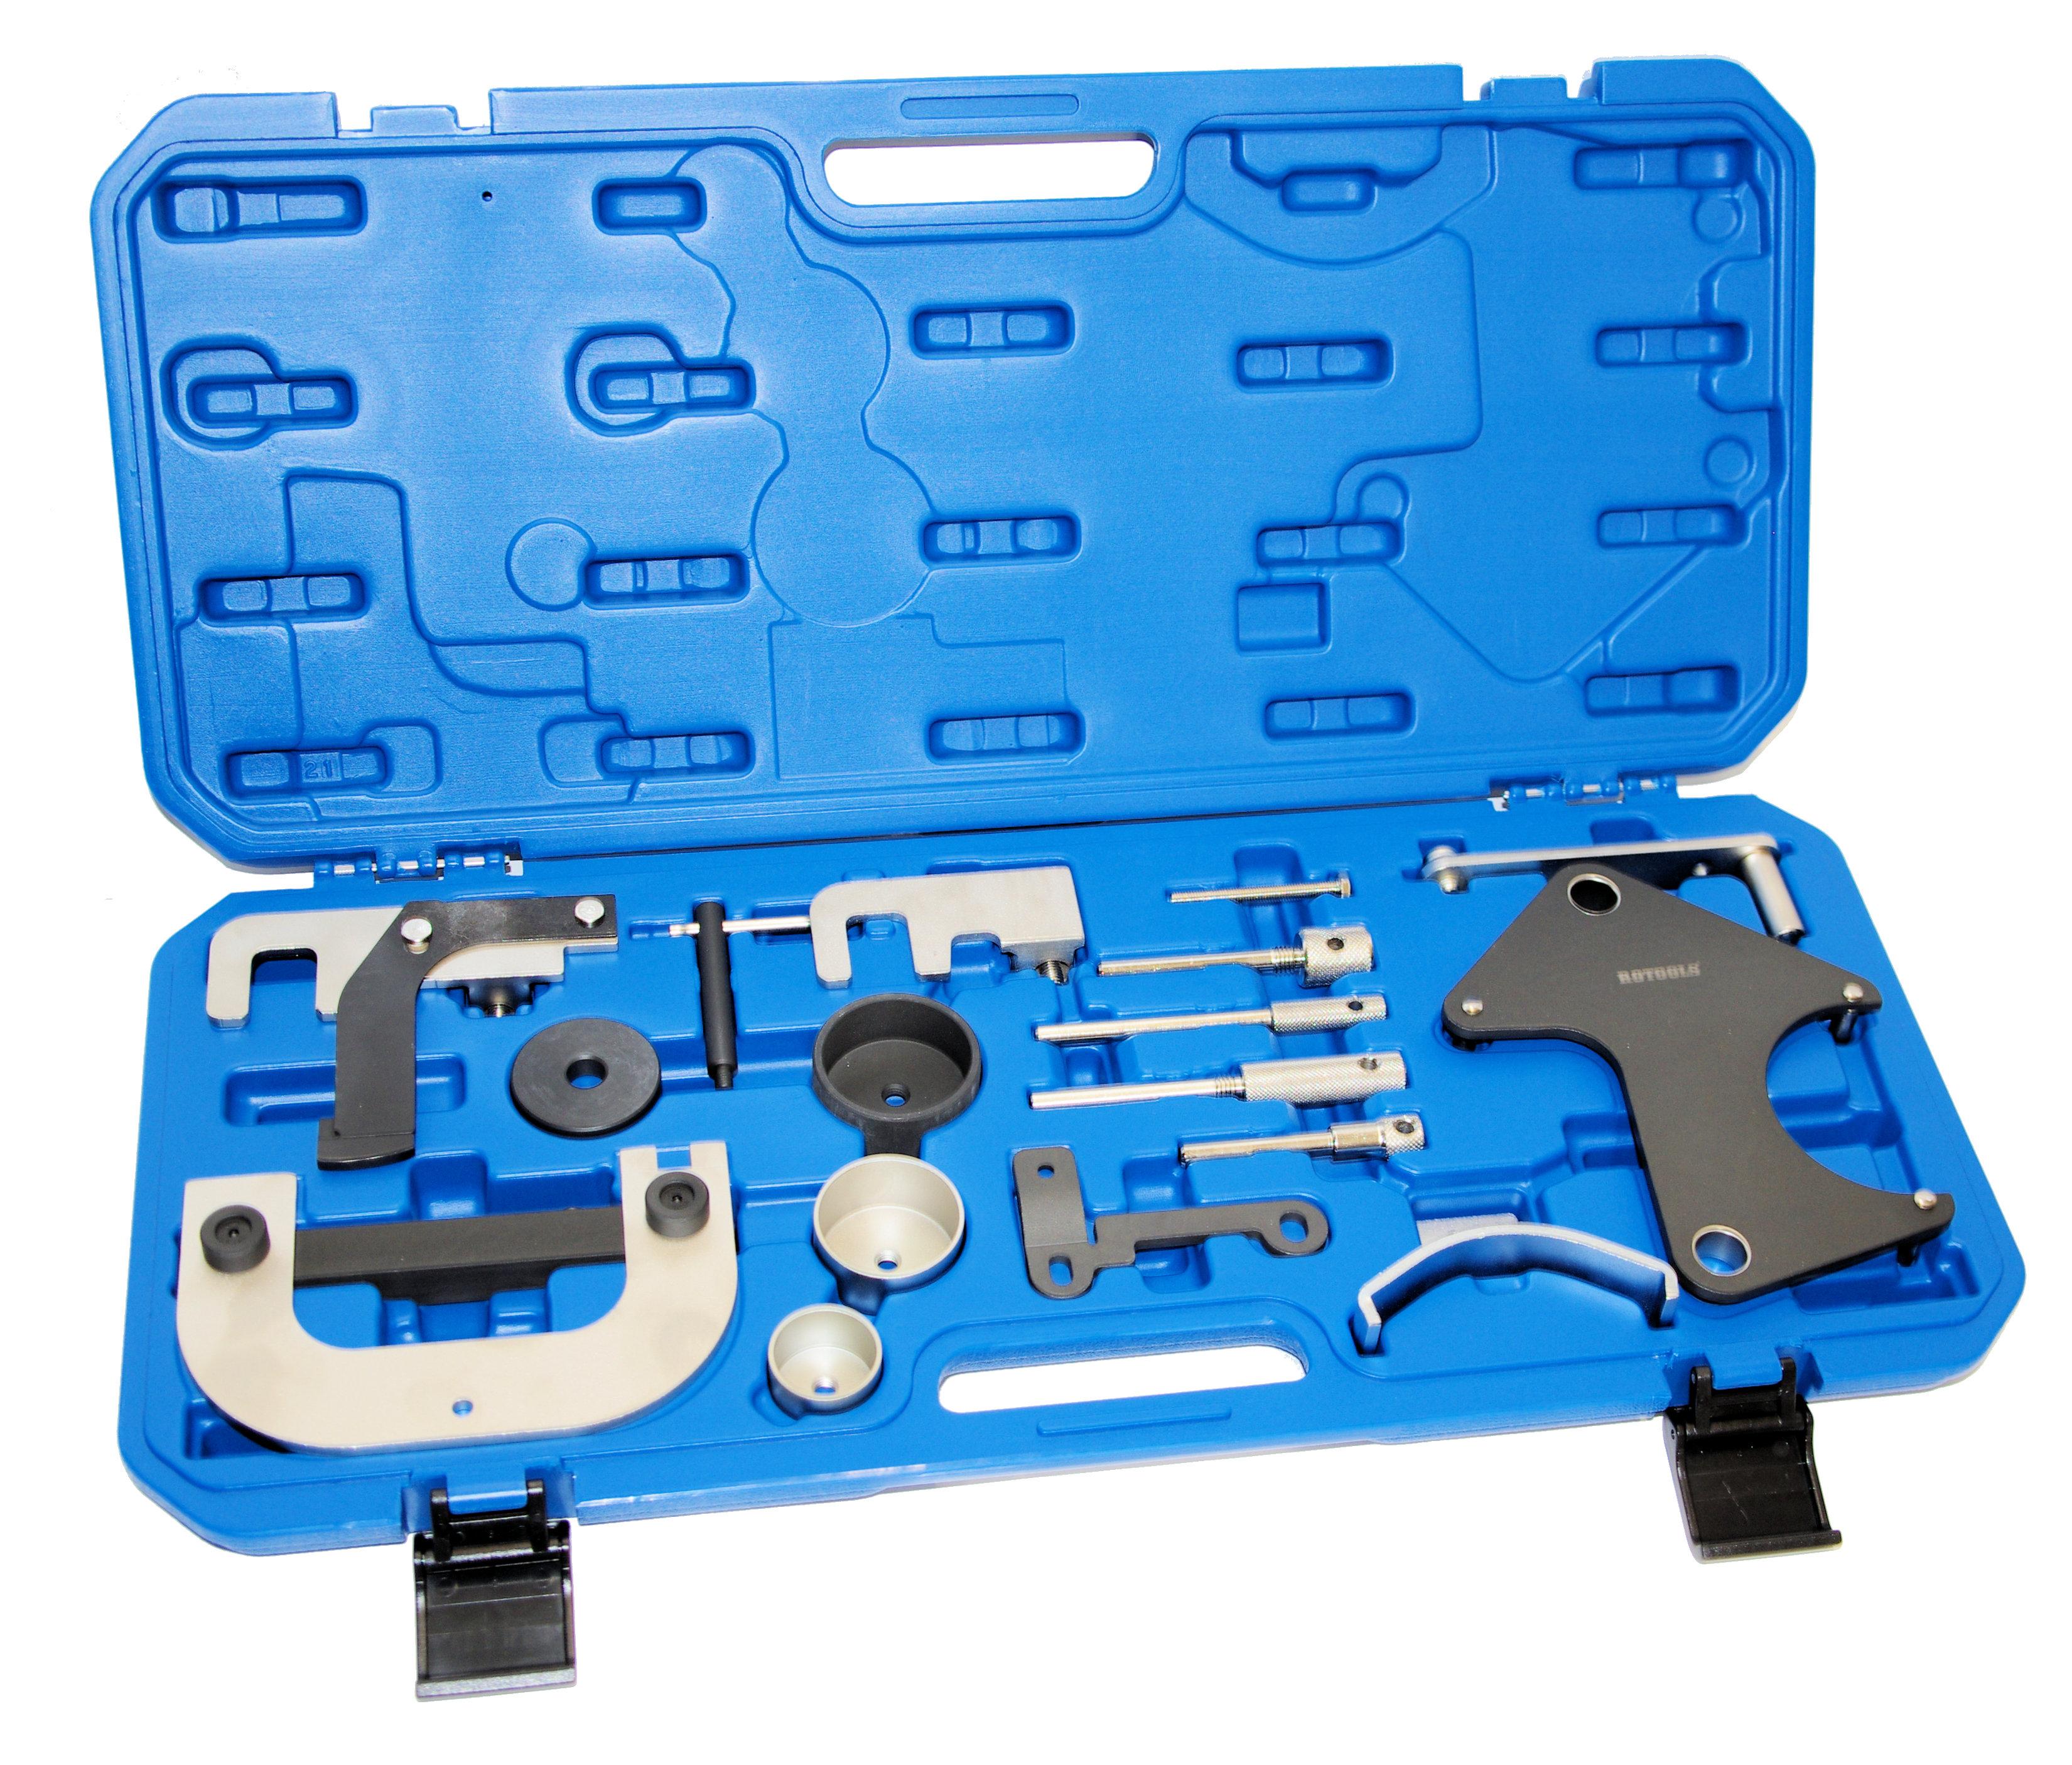 Motor Einstellwerkzeug Zahnriemen Nockenwellen Werkzeug Opel 2.0 CDTI ecoflex